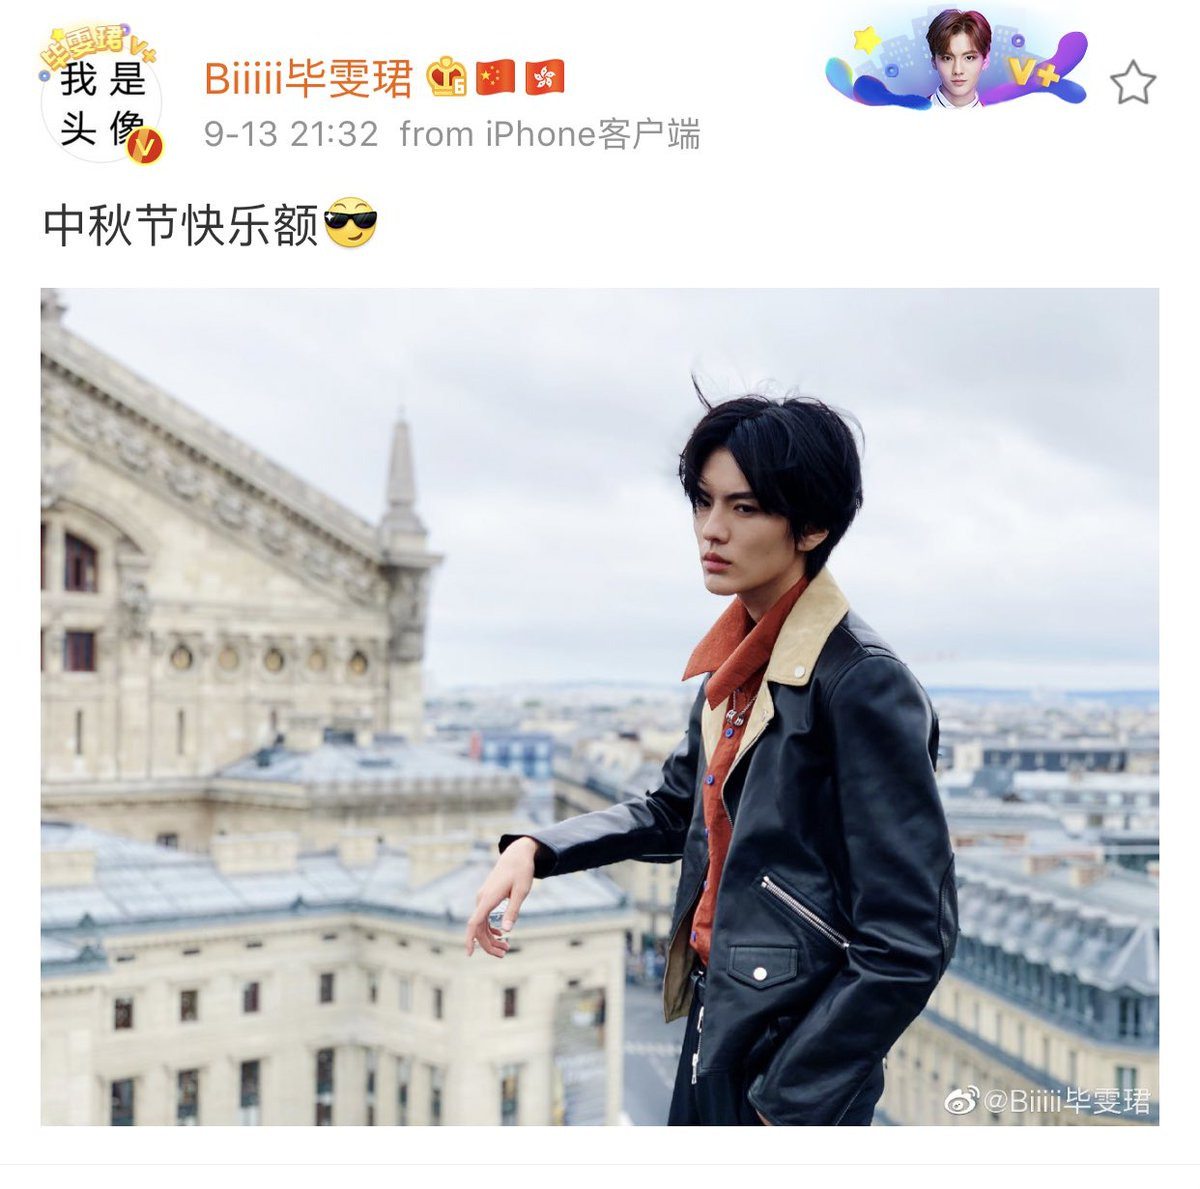 190913 wenjun weibo update  Happy mid-autumn festival 😎  #BiWenjun #毕雯珺